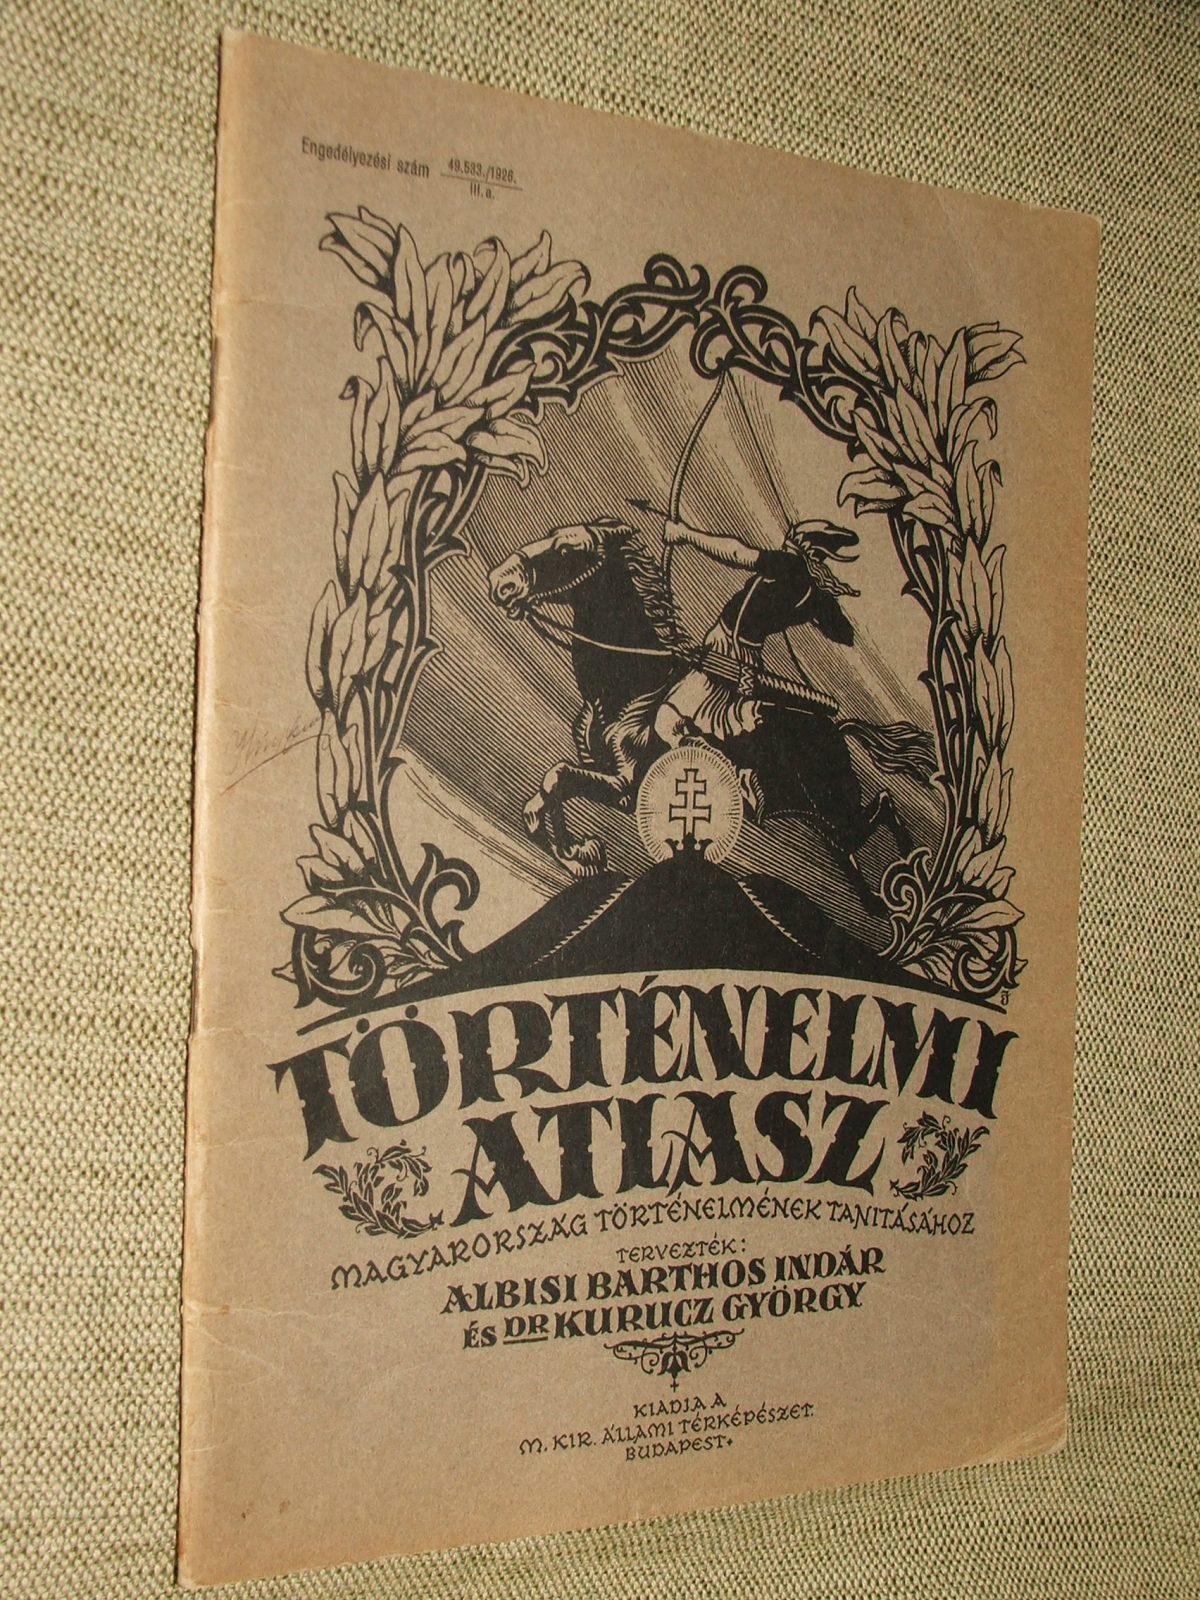 ALBISI BARTHOS Indár és KURUCZ György: Történelmi atlasz Magyarország történelmének tanításához